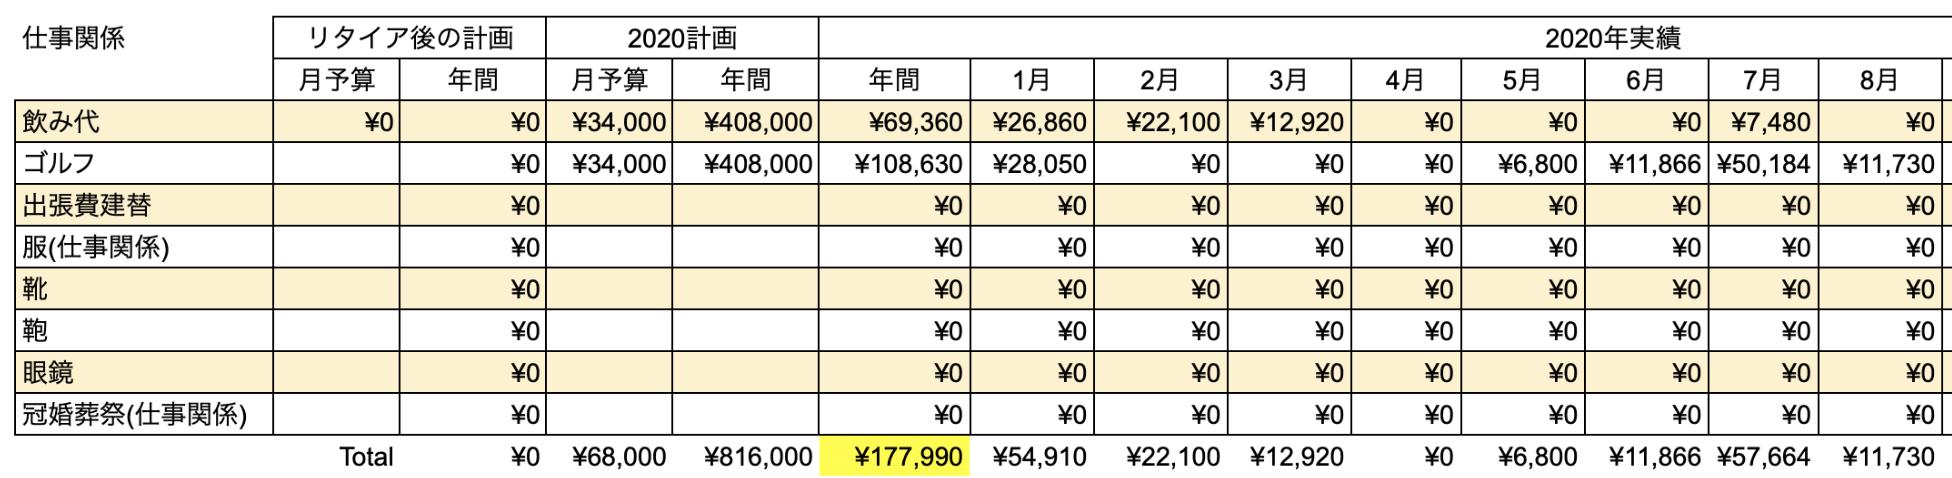 支出実績2020_08月_仕事関係費